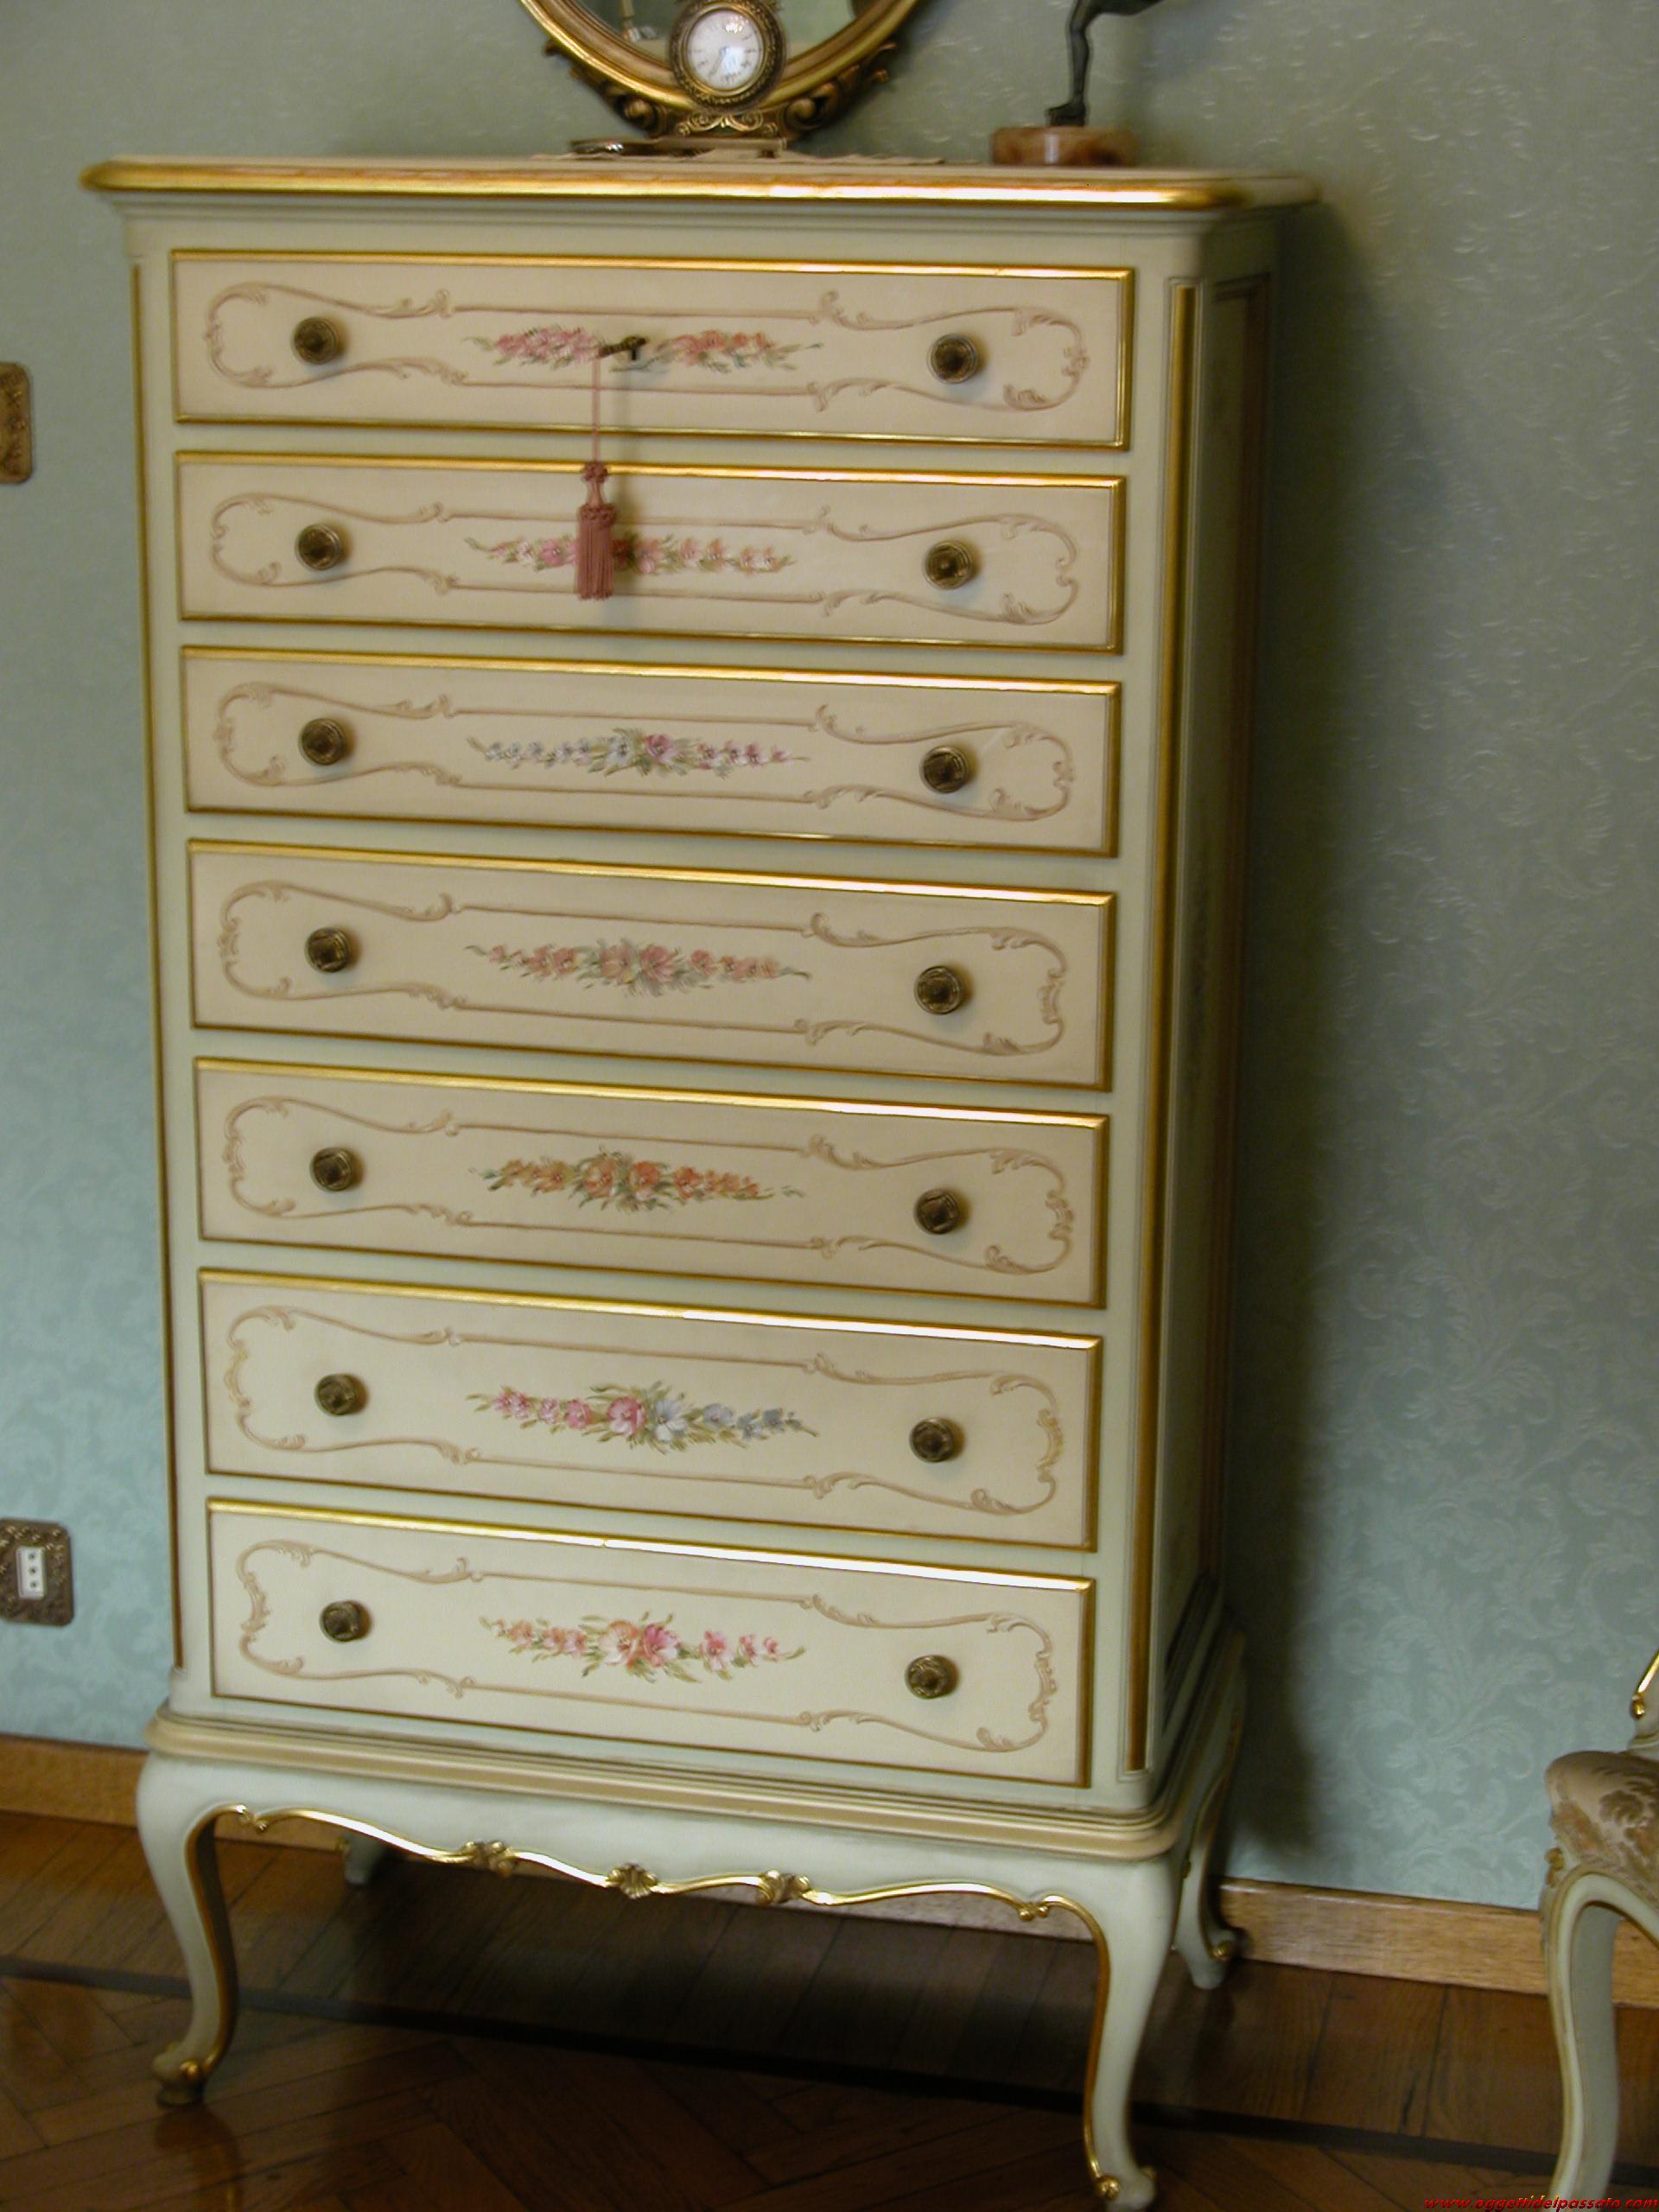 Stile barocco veneziano annunci antiquariato moernariato oggetti da collezione - Letto stile veneziano ...